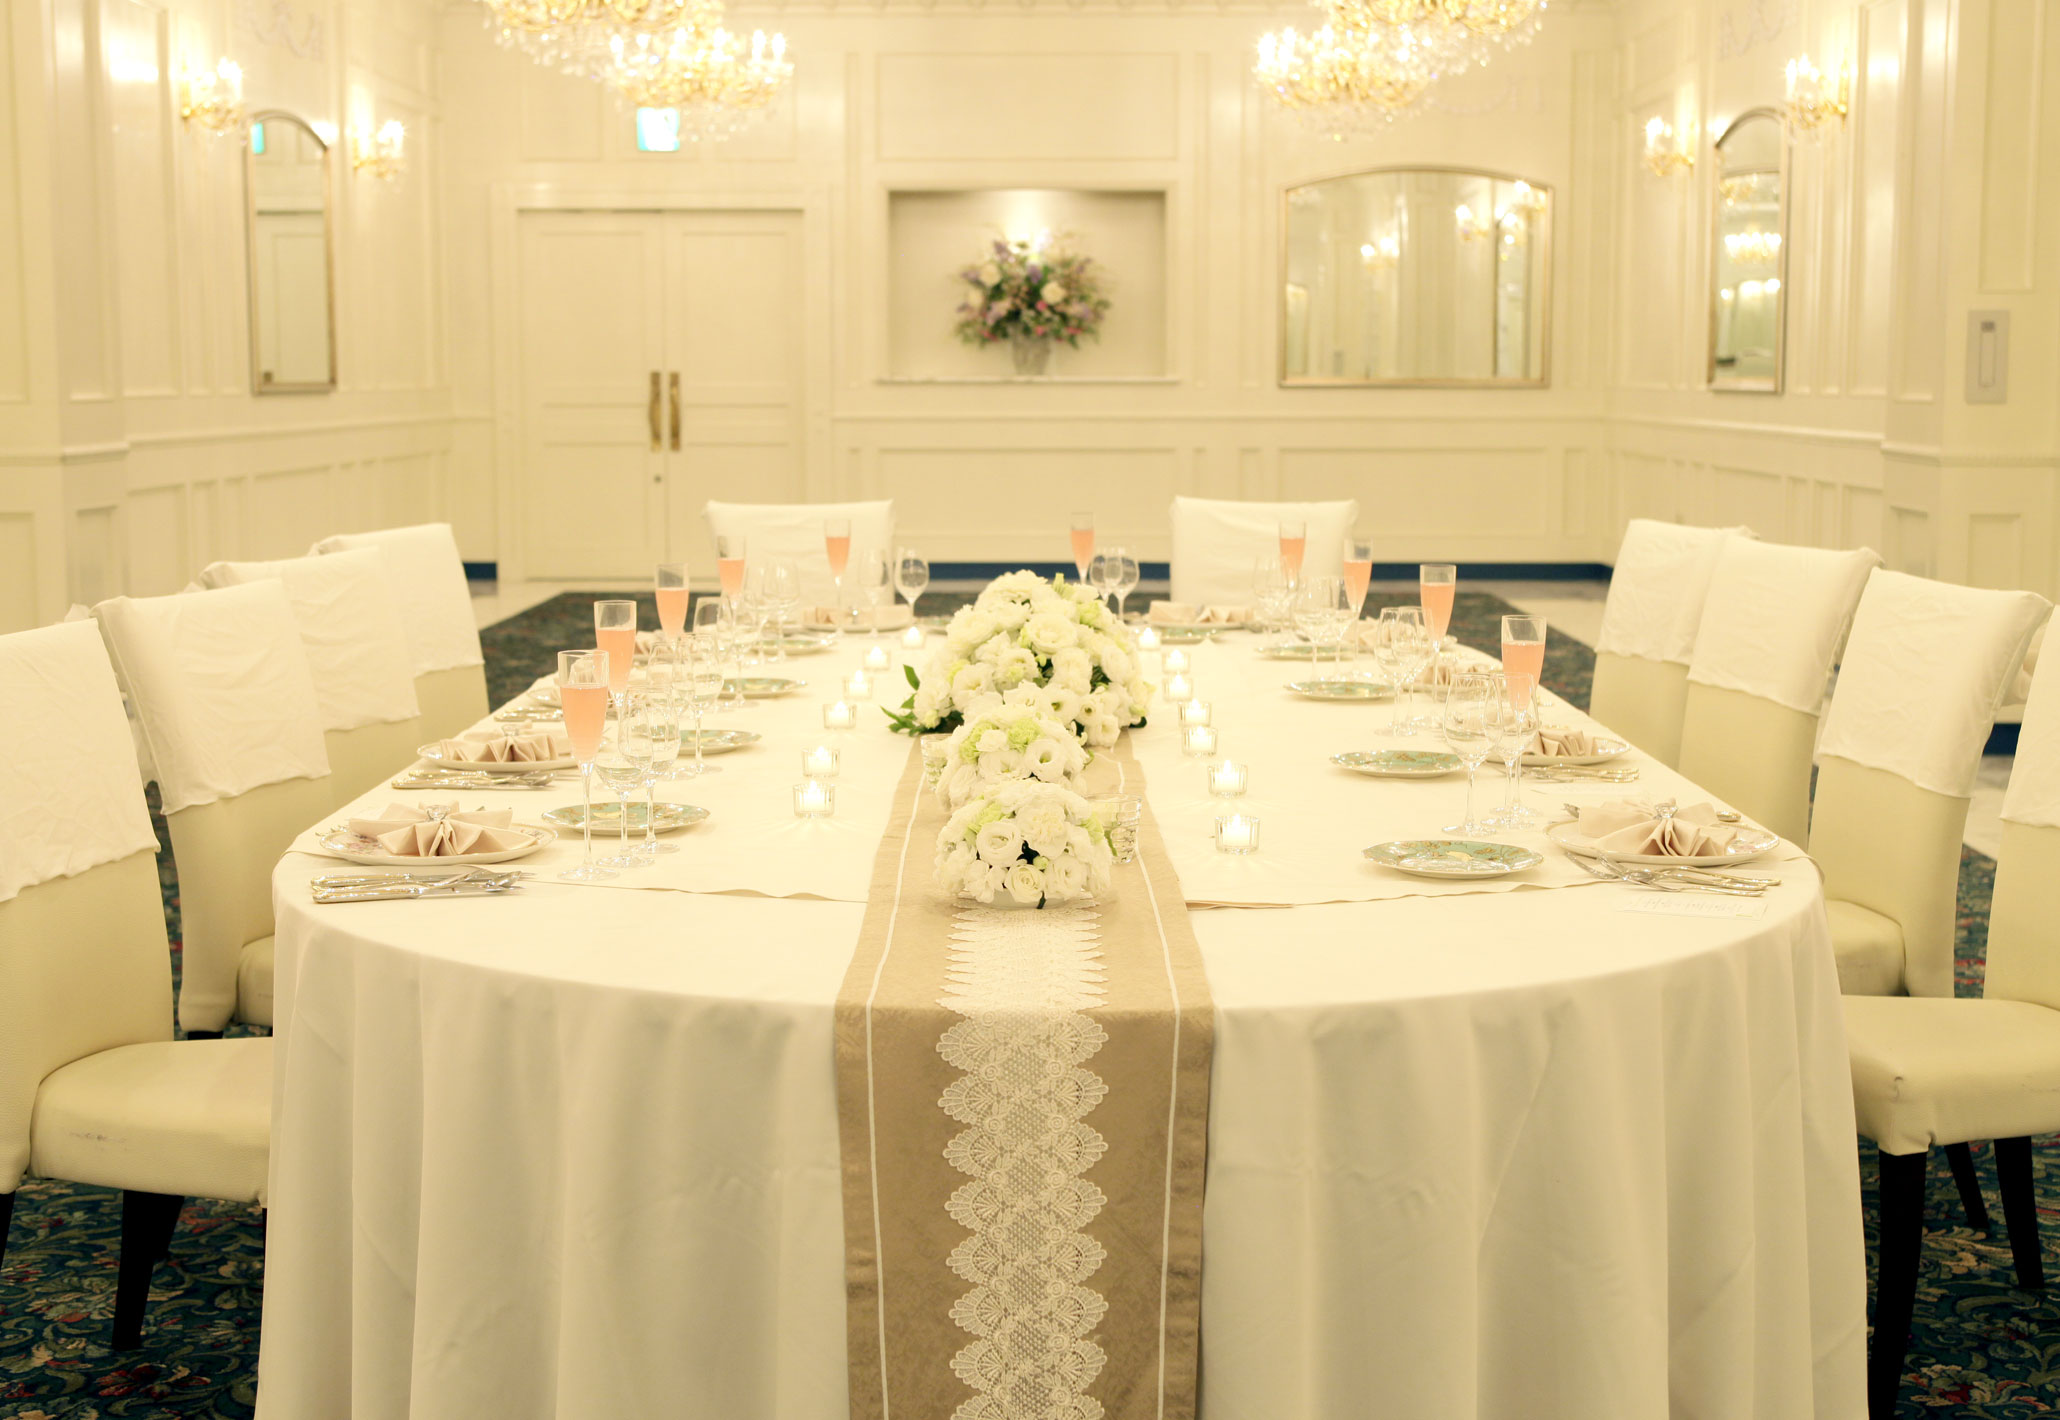 白やアイボリーを基調としたテーブルコーディネートはご両家顔合わせやお食事会におすすめ | 愛媛県西条市の結婚式場ベルフォーレ西条